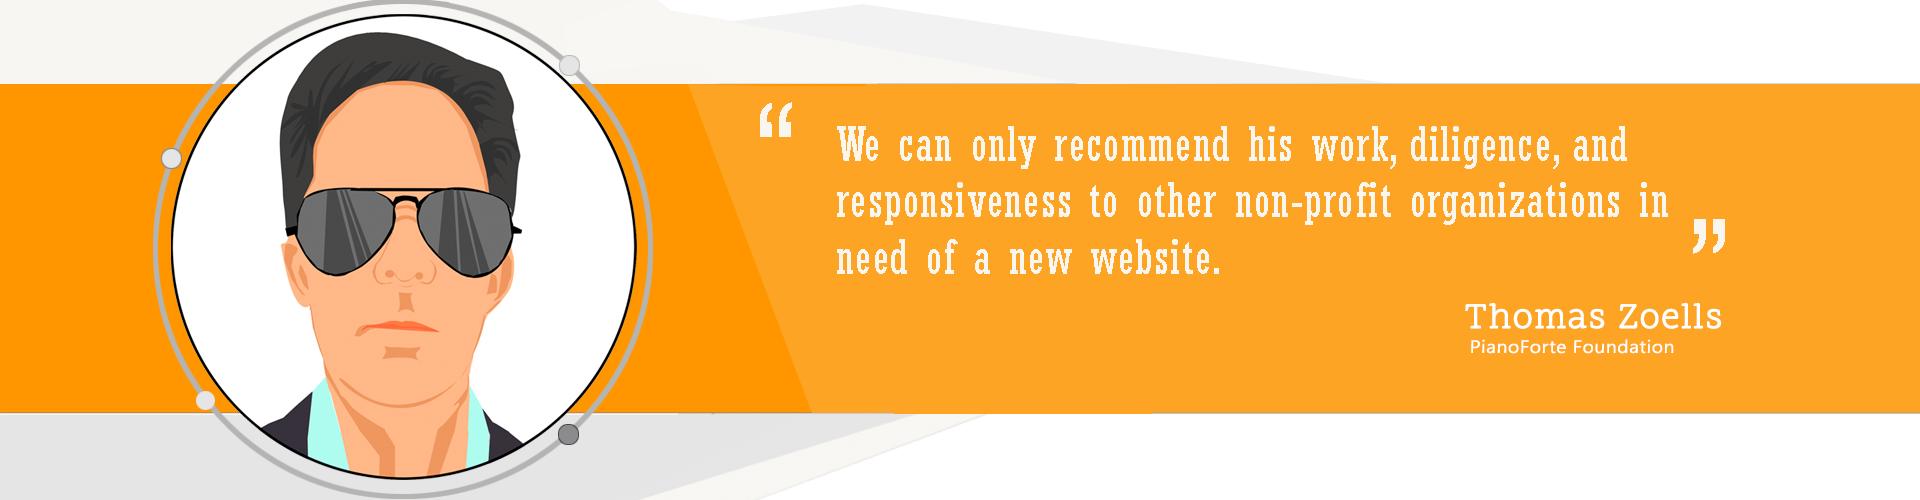 Non-Profit Websites - Testimonial